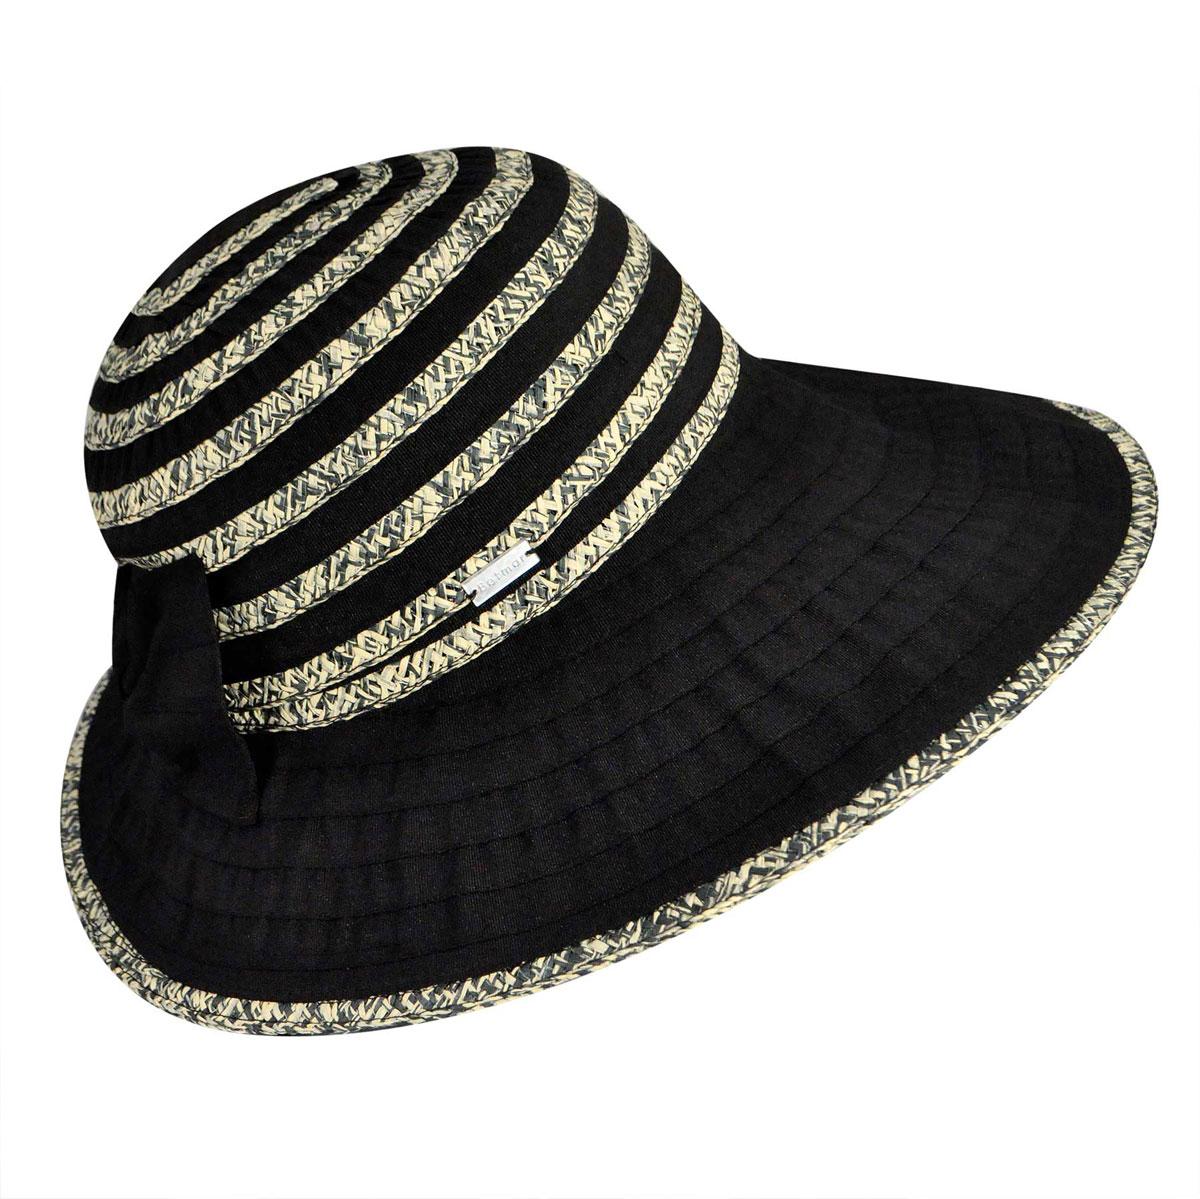 Betmar Donna Wide Brim Sun Hat in Black Multi